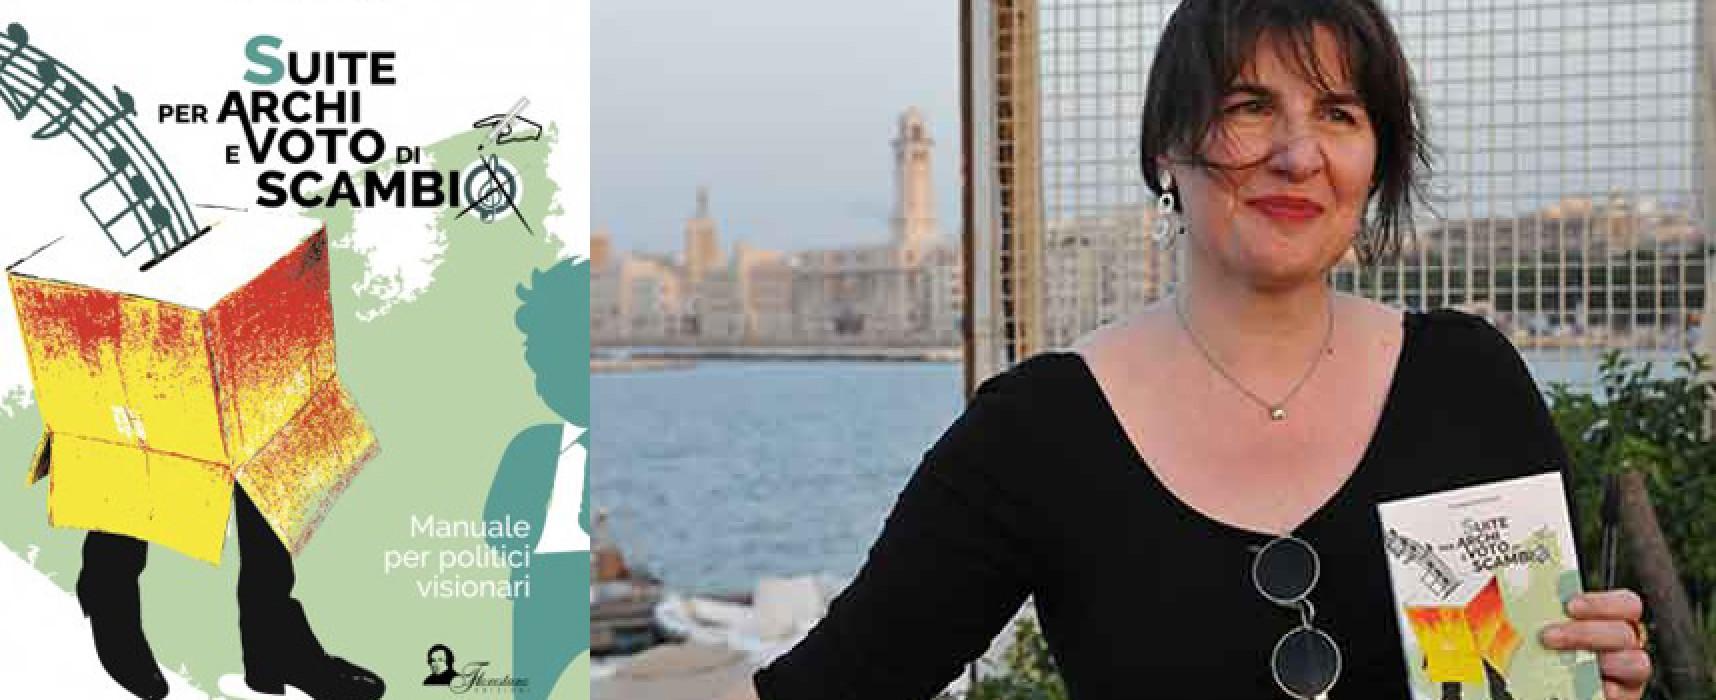 Fantapolitica e musica chiudono i pomeriggi all'ombra di un libro: ospite Carmela Formicola